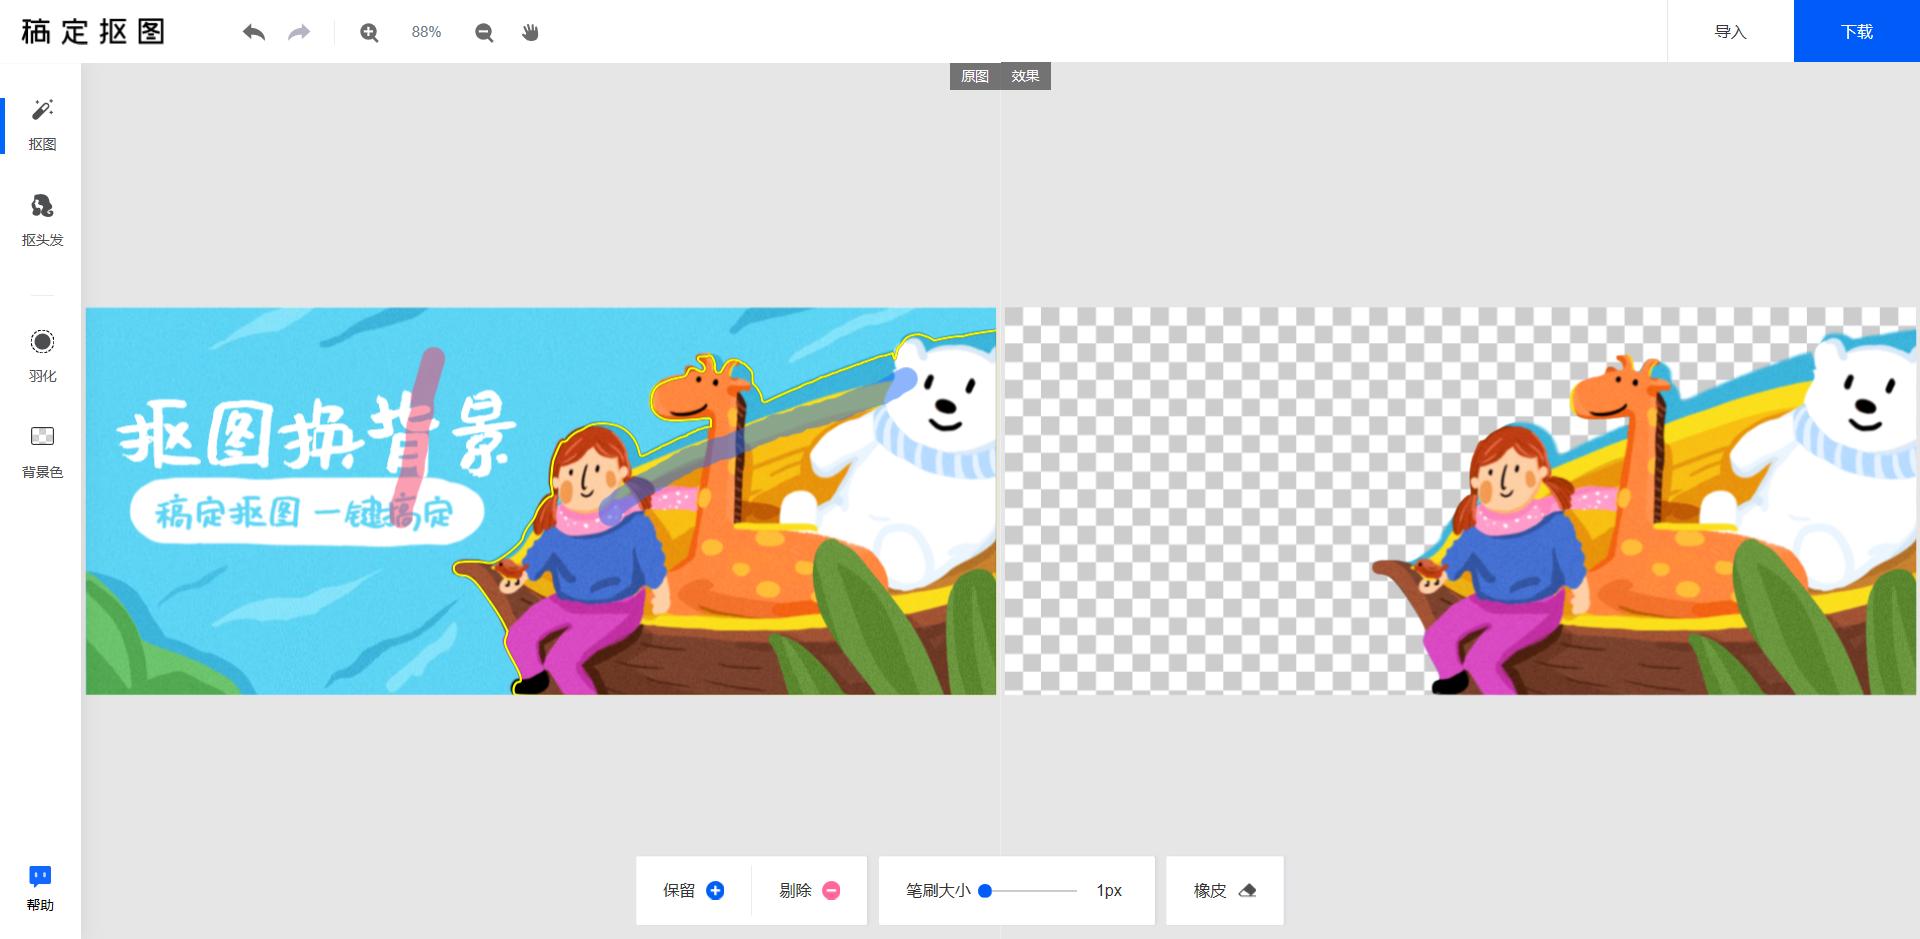 怎么抠图换背景颜色?照片抠图换背景色的教程